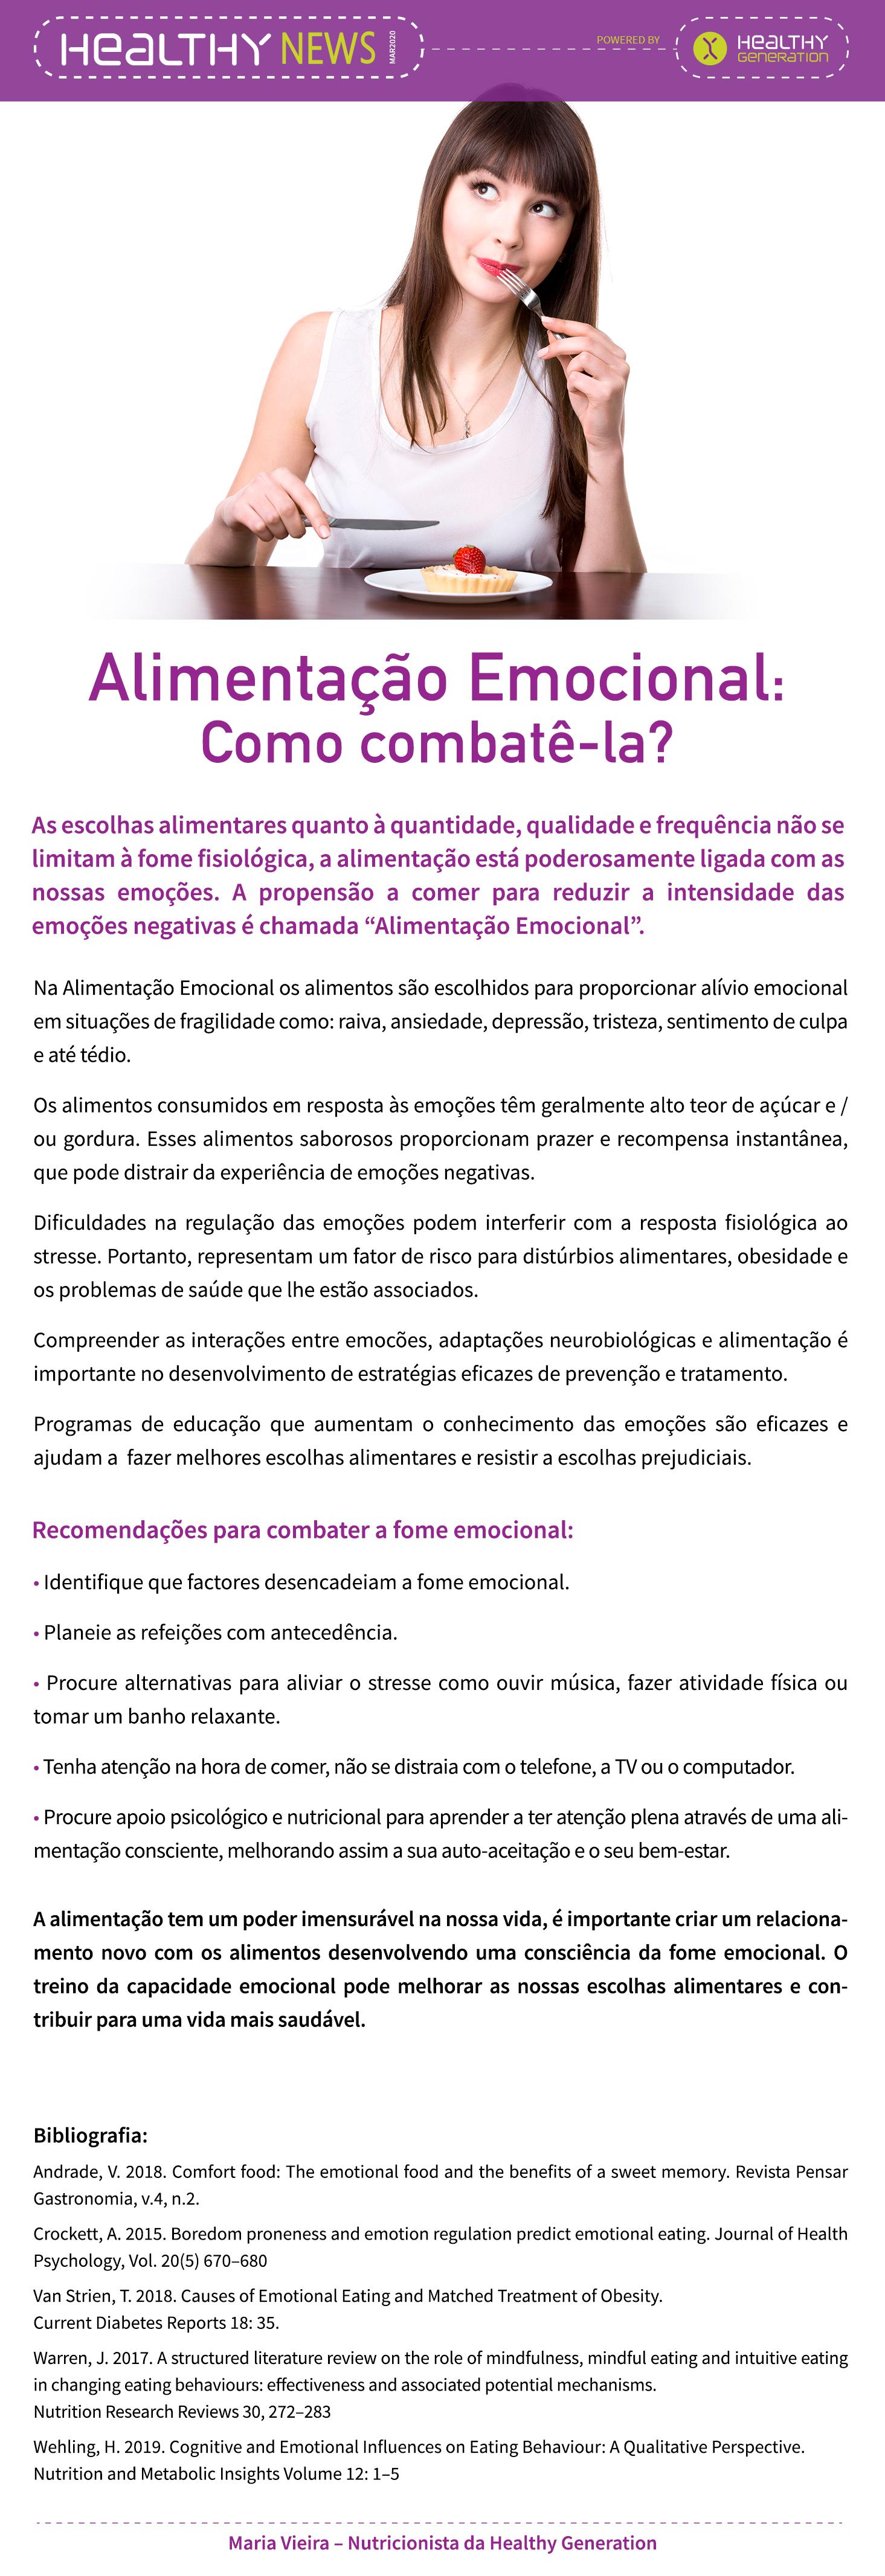 newsletter_mar20